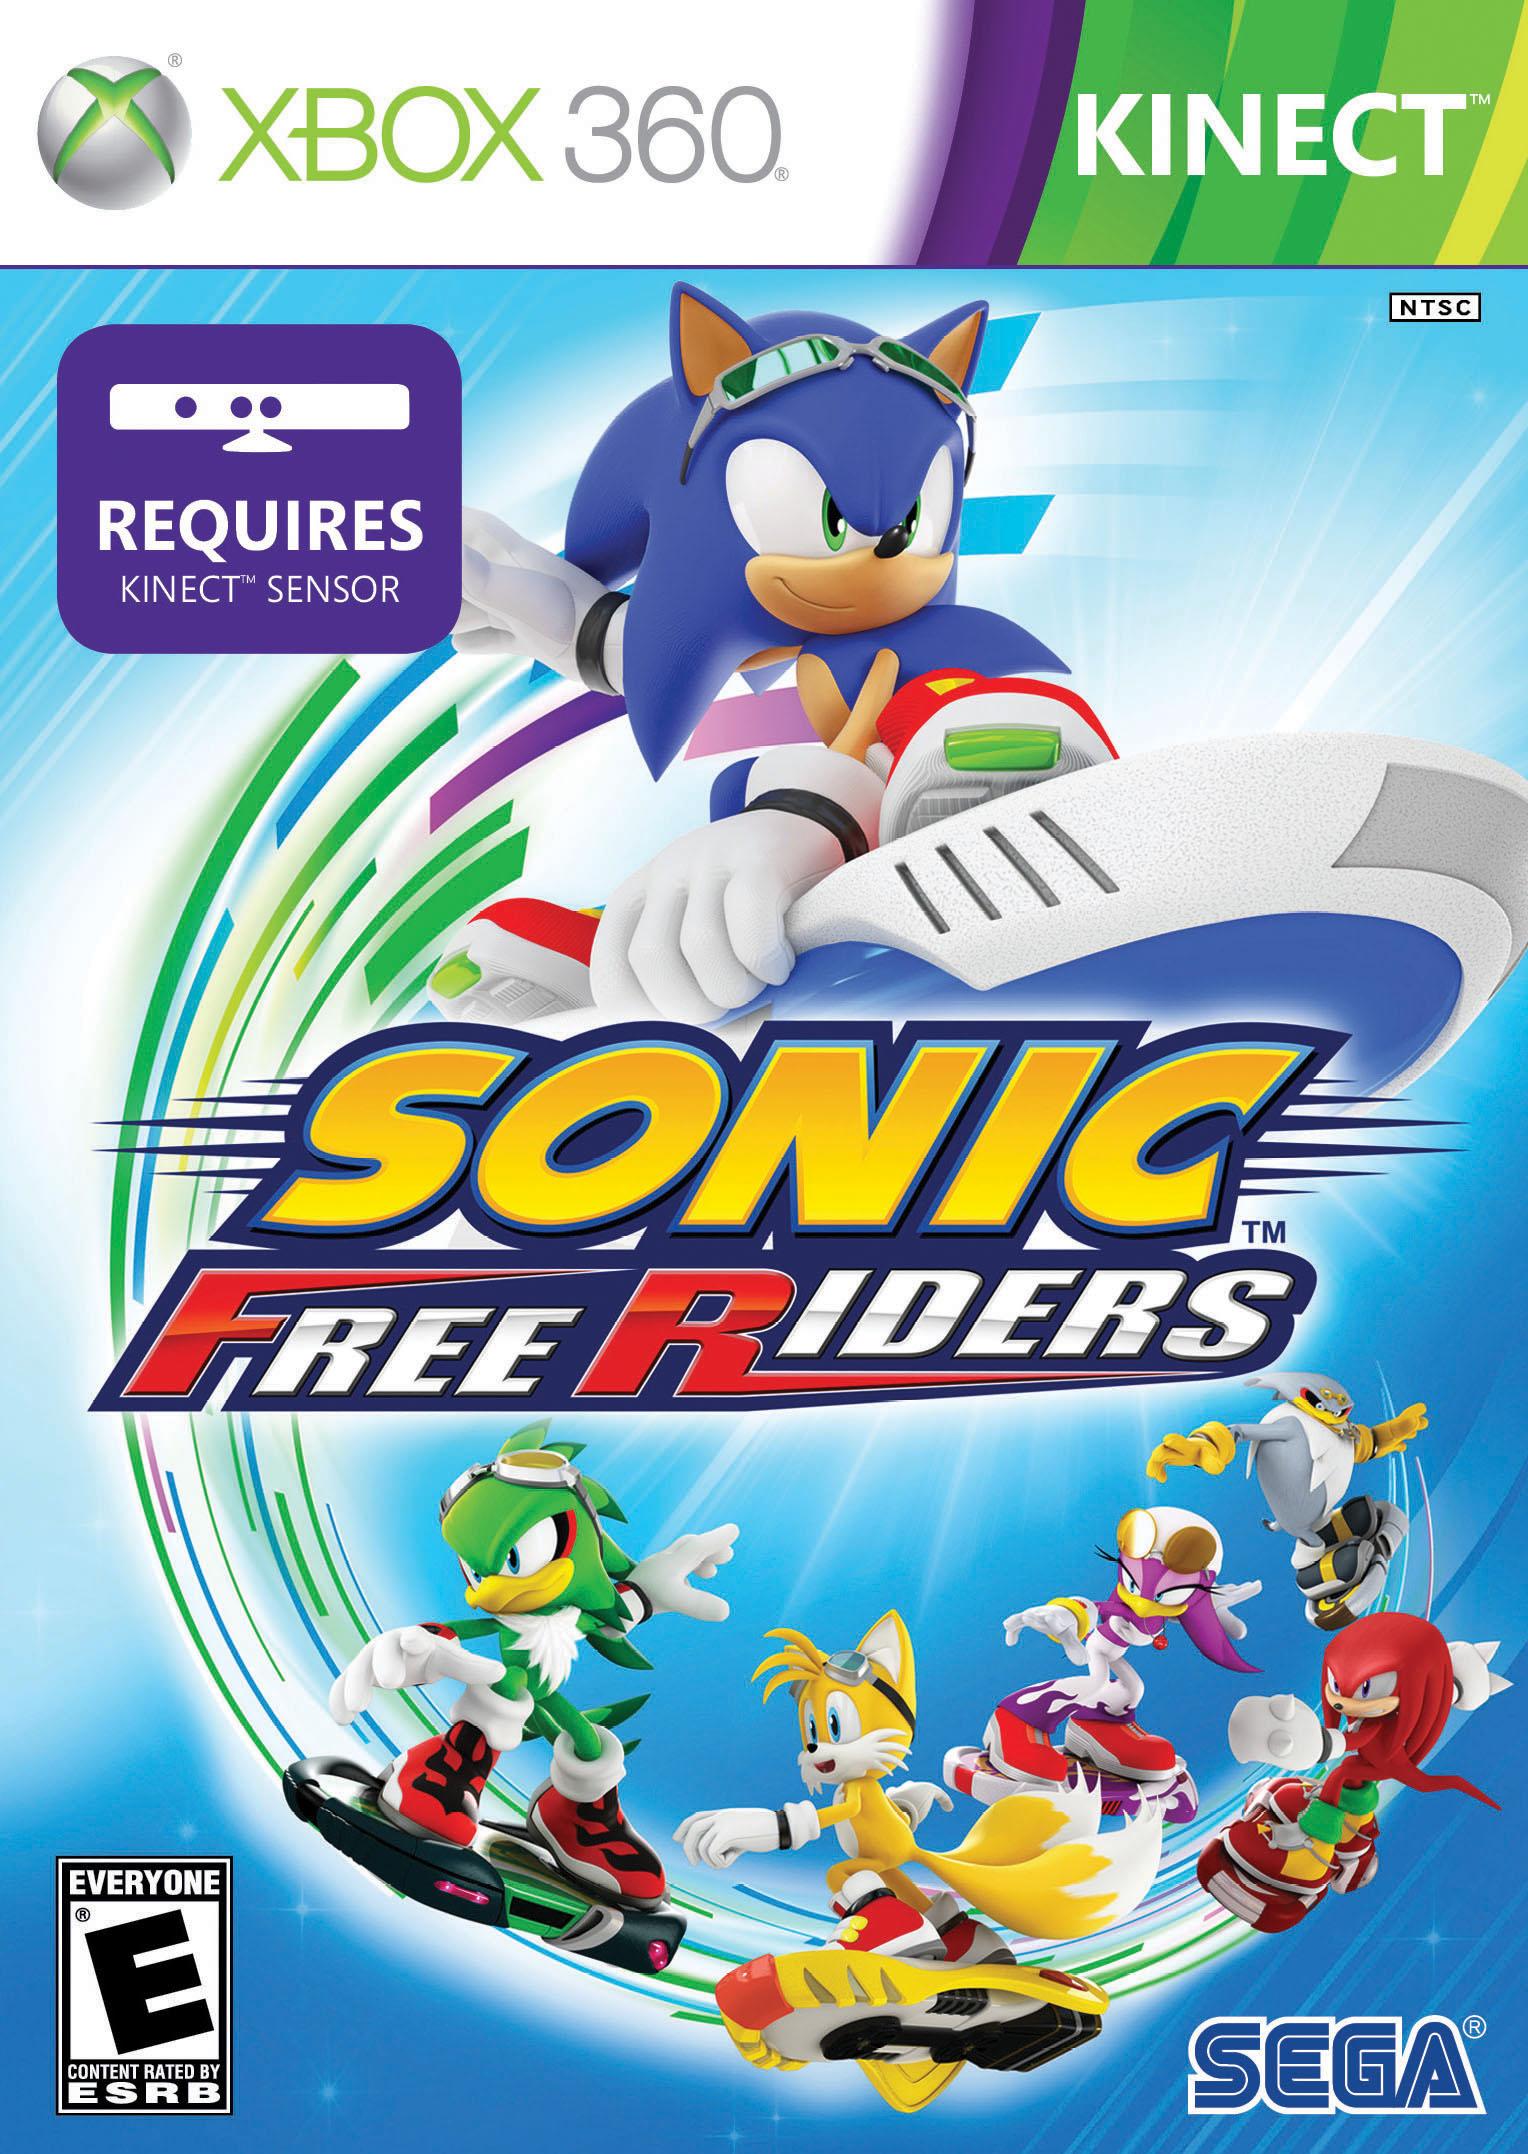 Sonic Free Riders RGH Xbox 360 Español 1.6gb [Mega+] Xbox Ps3 Pc Xbox360 Wii Nintendo Mac Linux